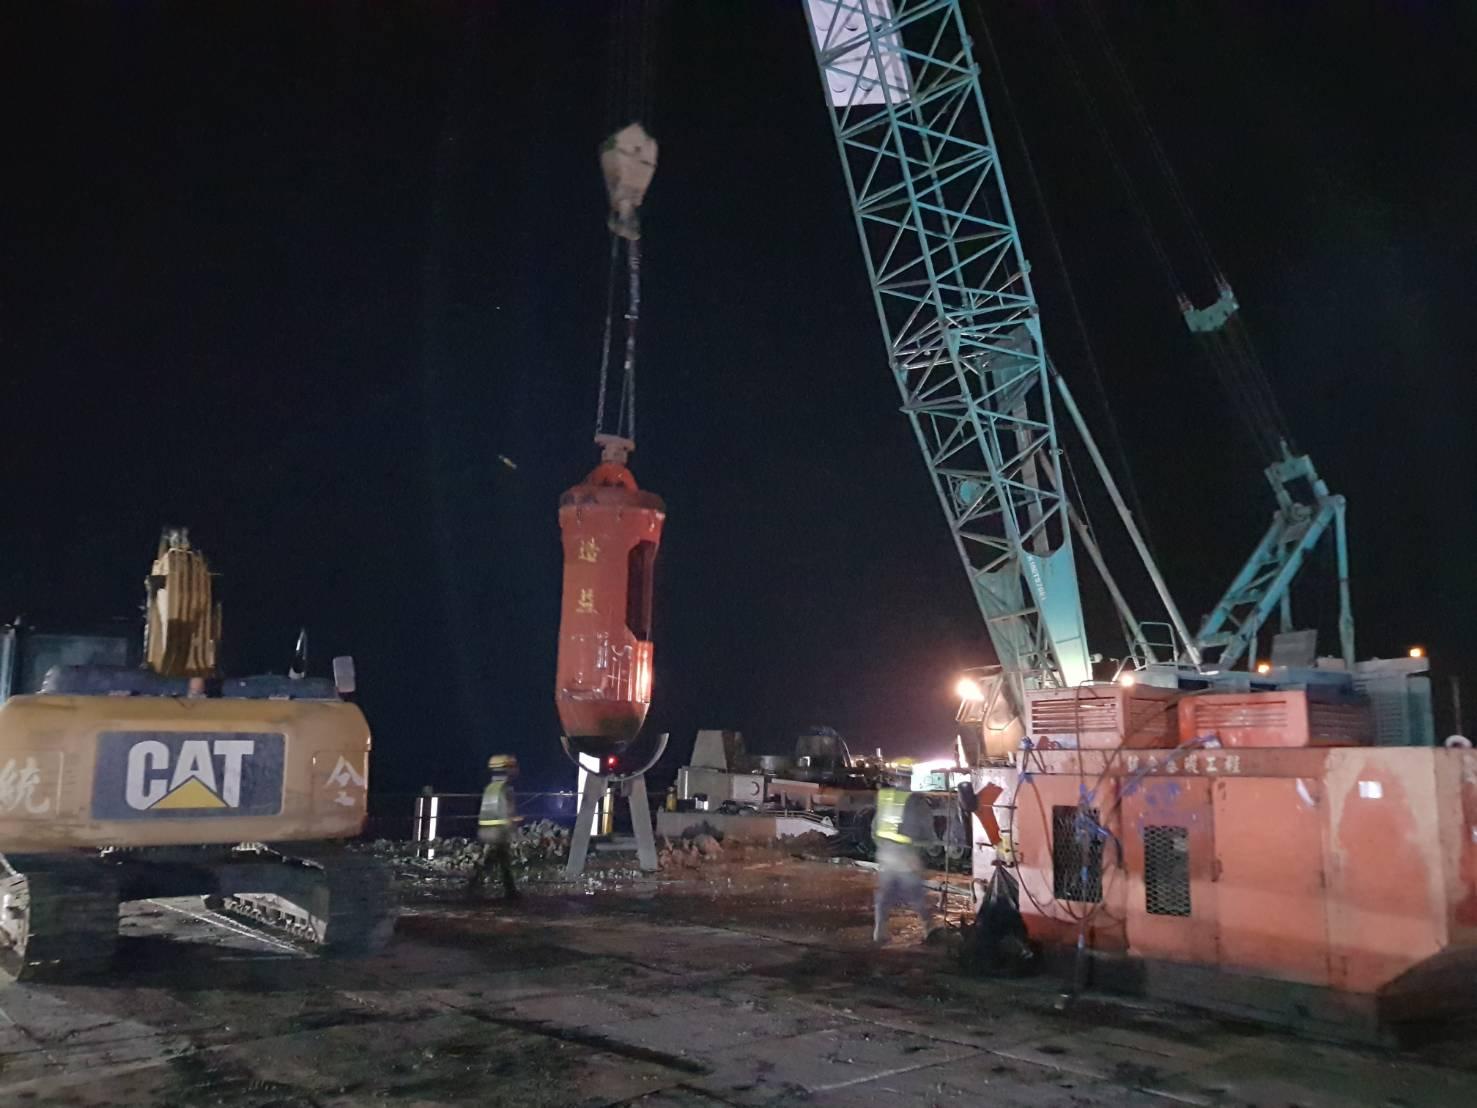 基樁工程套管內鑽掘取土作業.